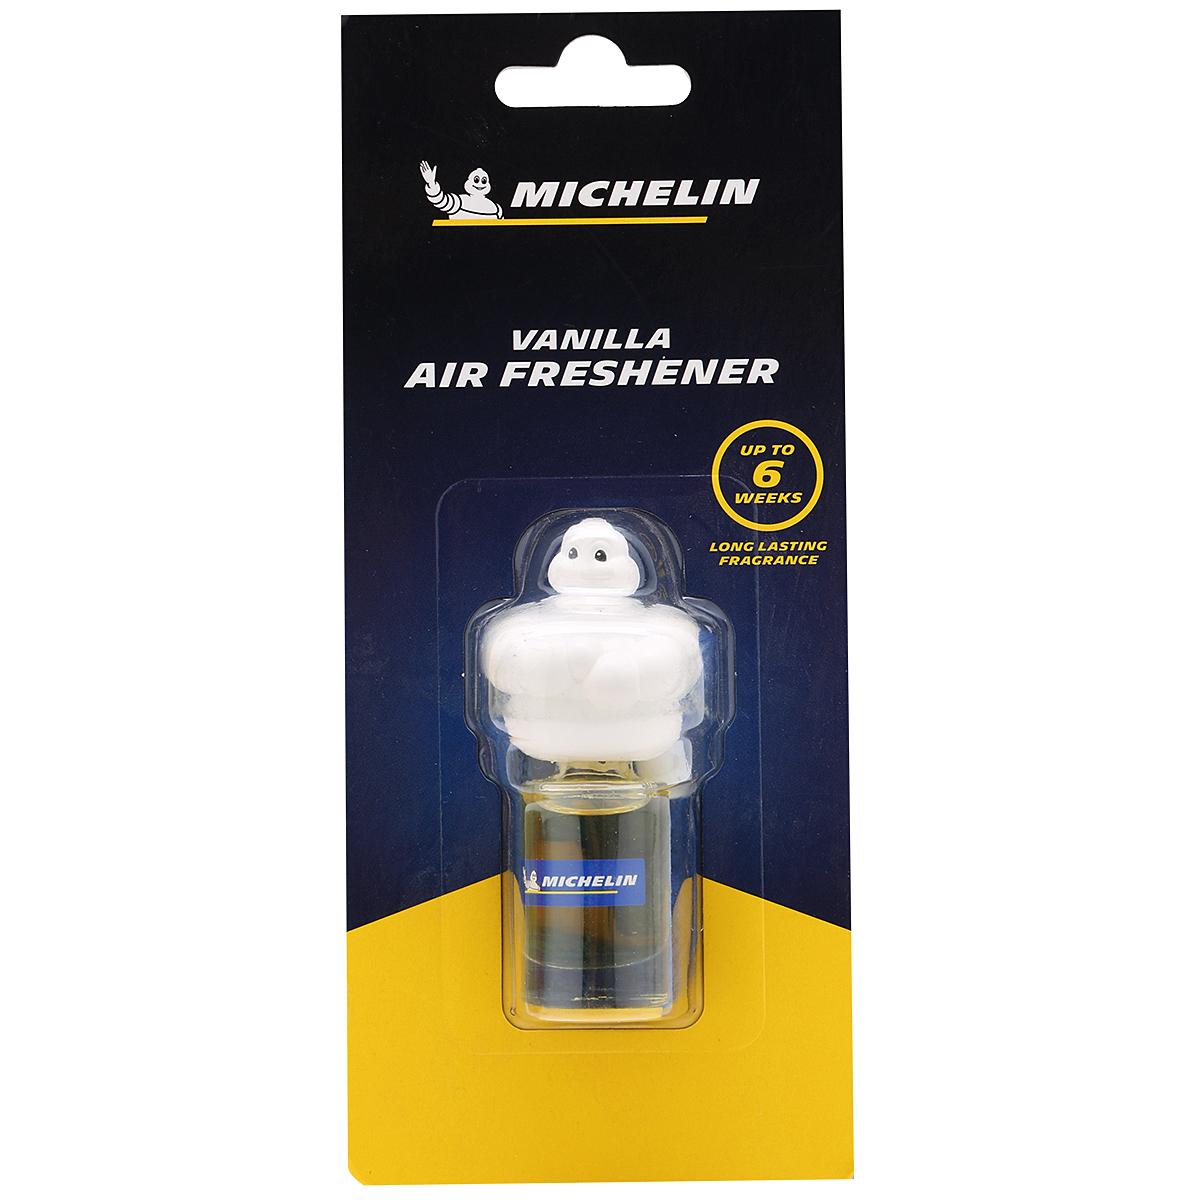 Lọ nước hoa oto Michelin dạng treo hương Vanilla 5ml 87848 - Hàng chính hãng